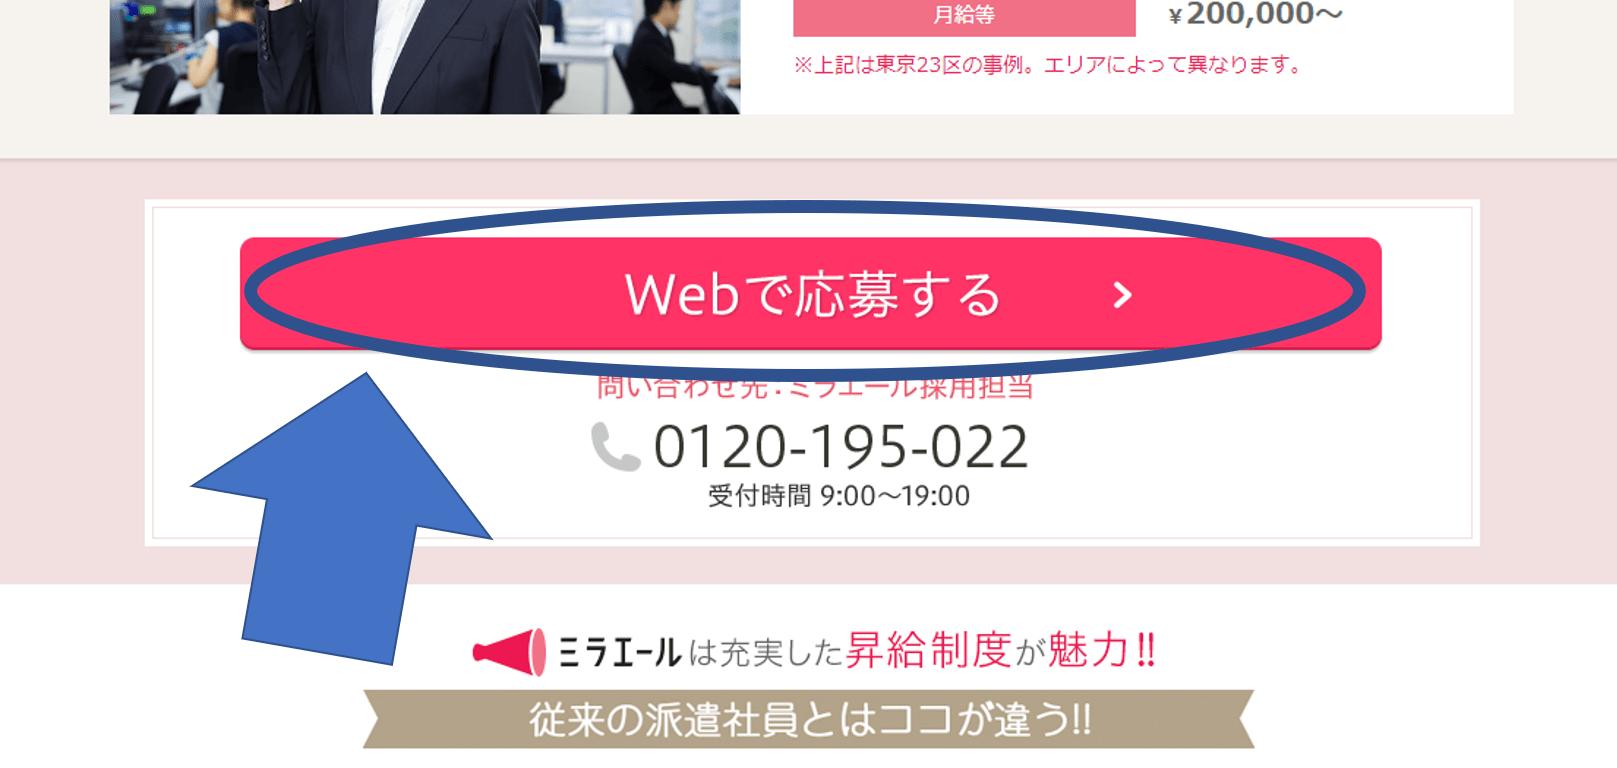 派遣-ミラエールのWeb応募ボタン